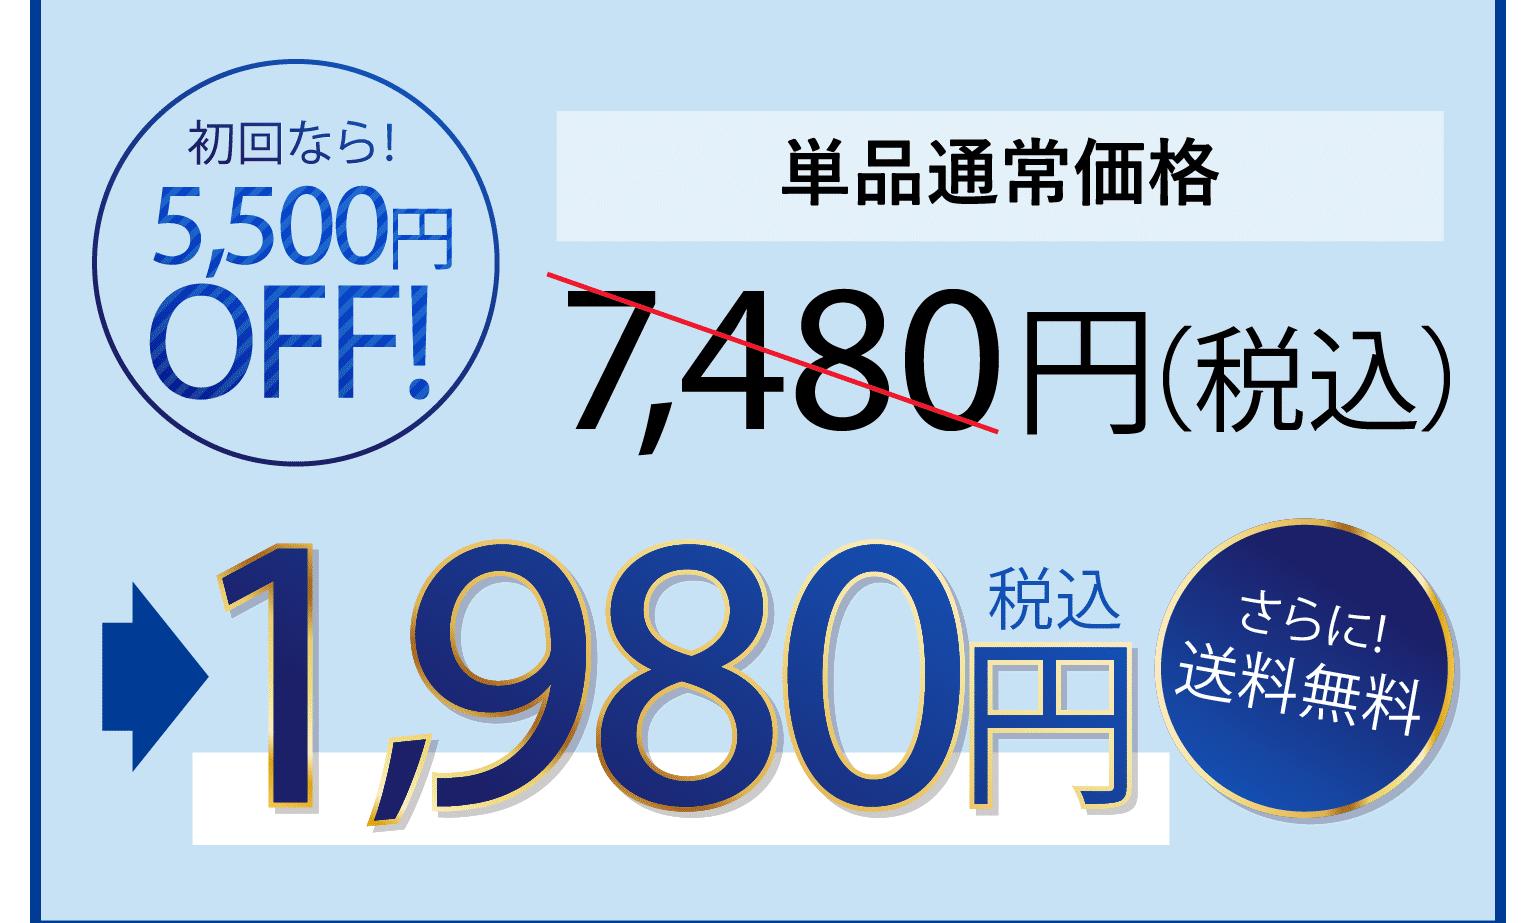 初回なら2,500円OFF!単品通常価格7,480円→4,980円(税込)さらに送料無料